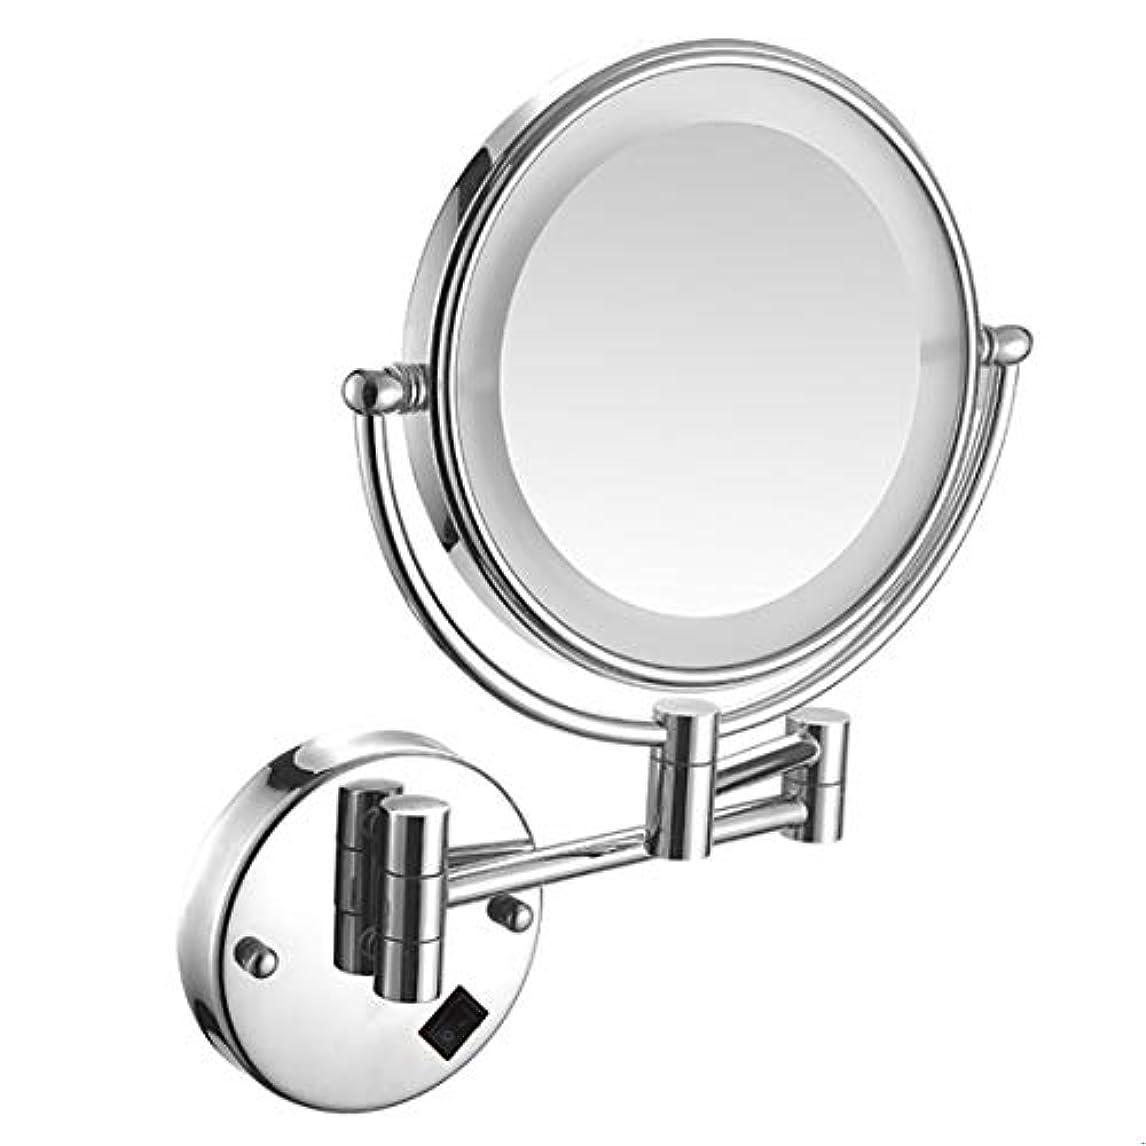 脅威形式ほのめかすウォールマウントLED照明付きメイクアップミラー3X拡大鏡USB充電式化粧品ミラー360°スイベル拡張可能な両面浴室用化粧鏡